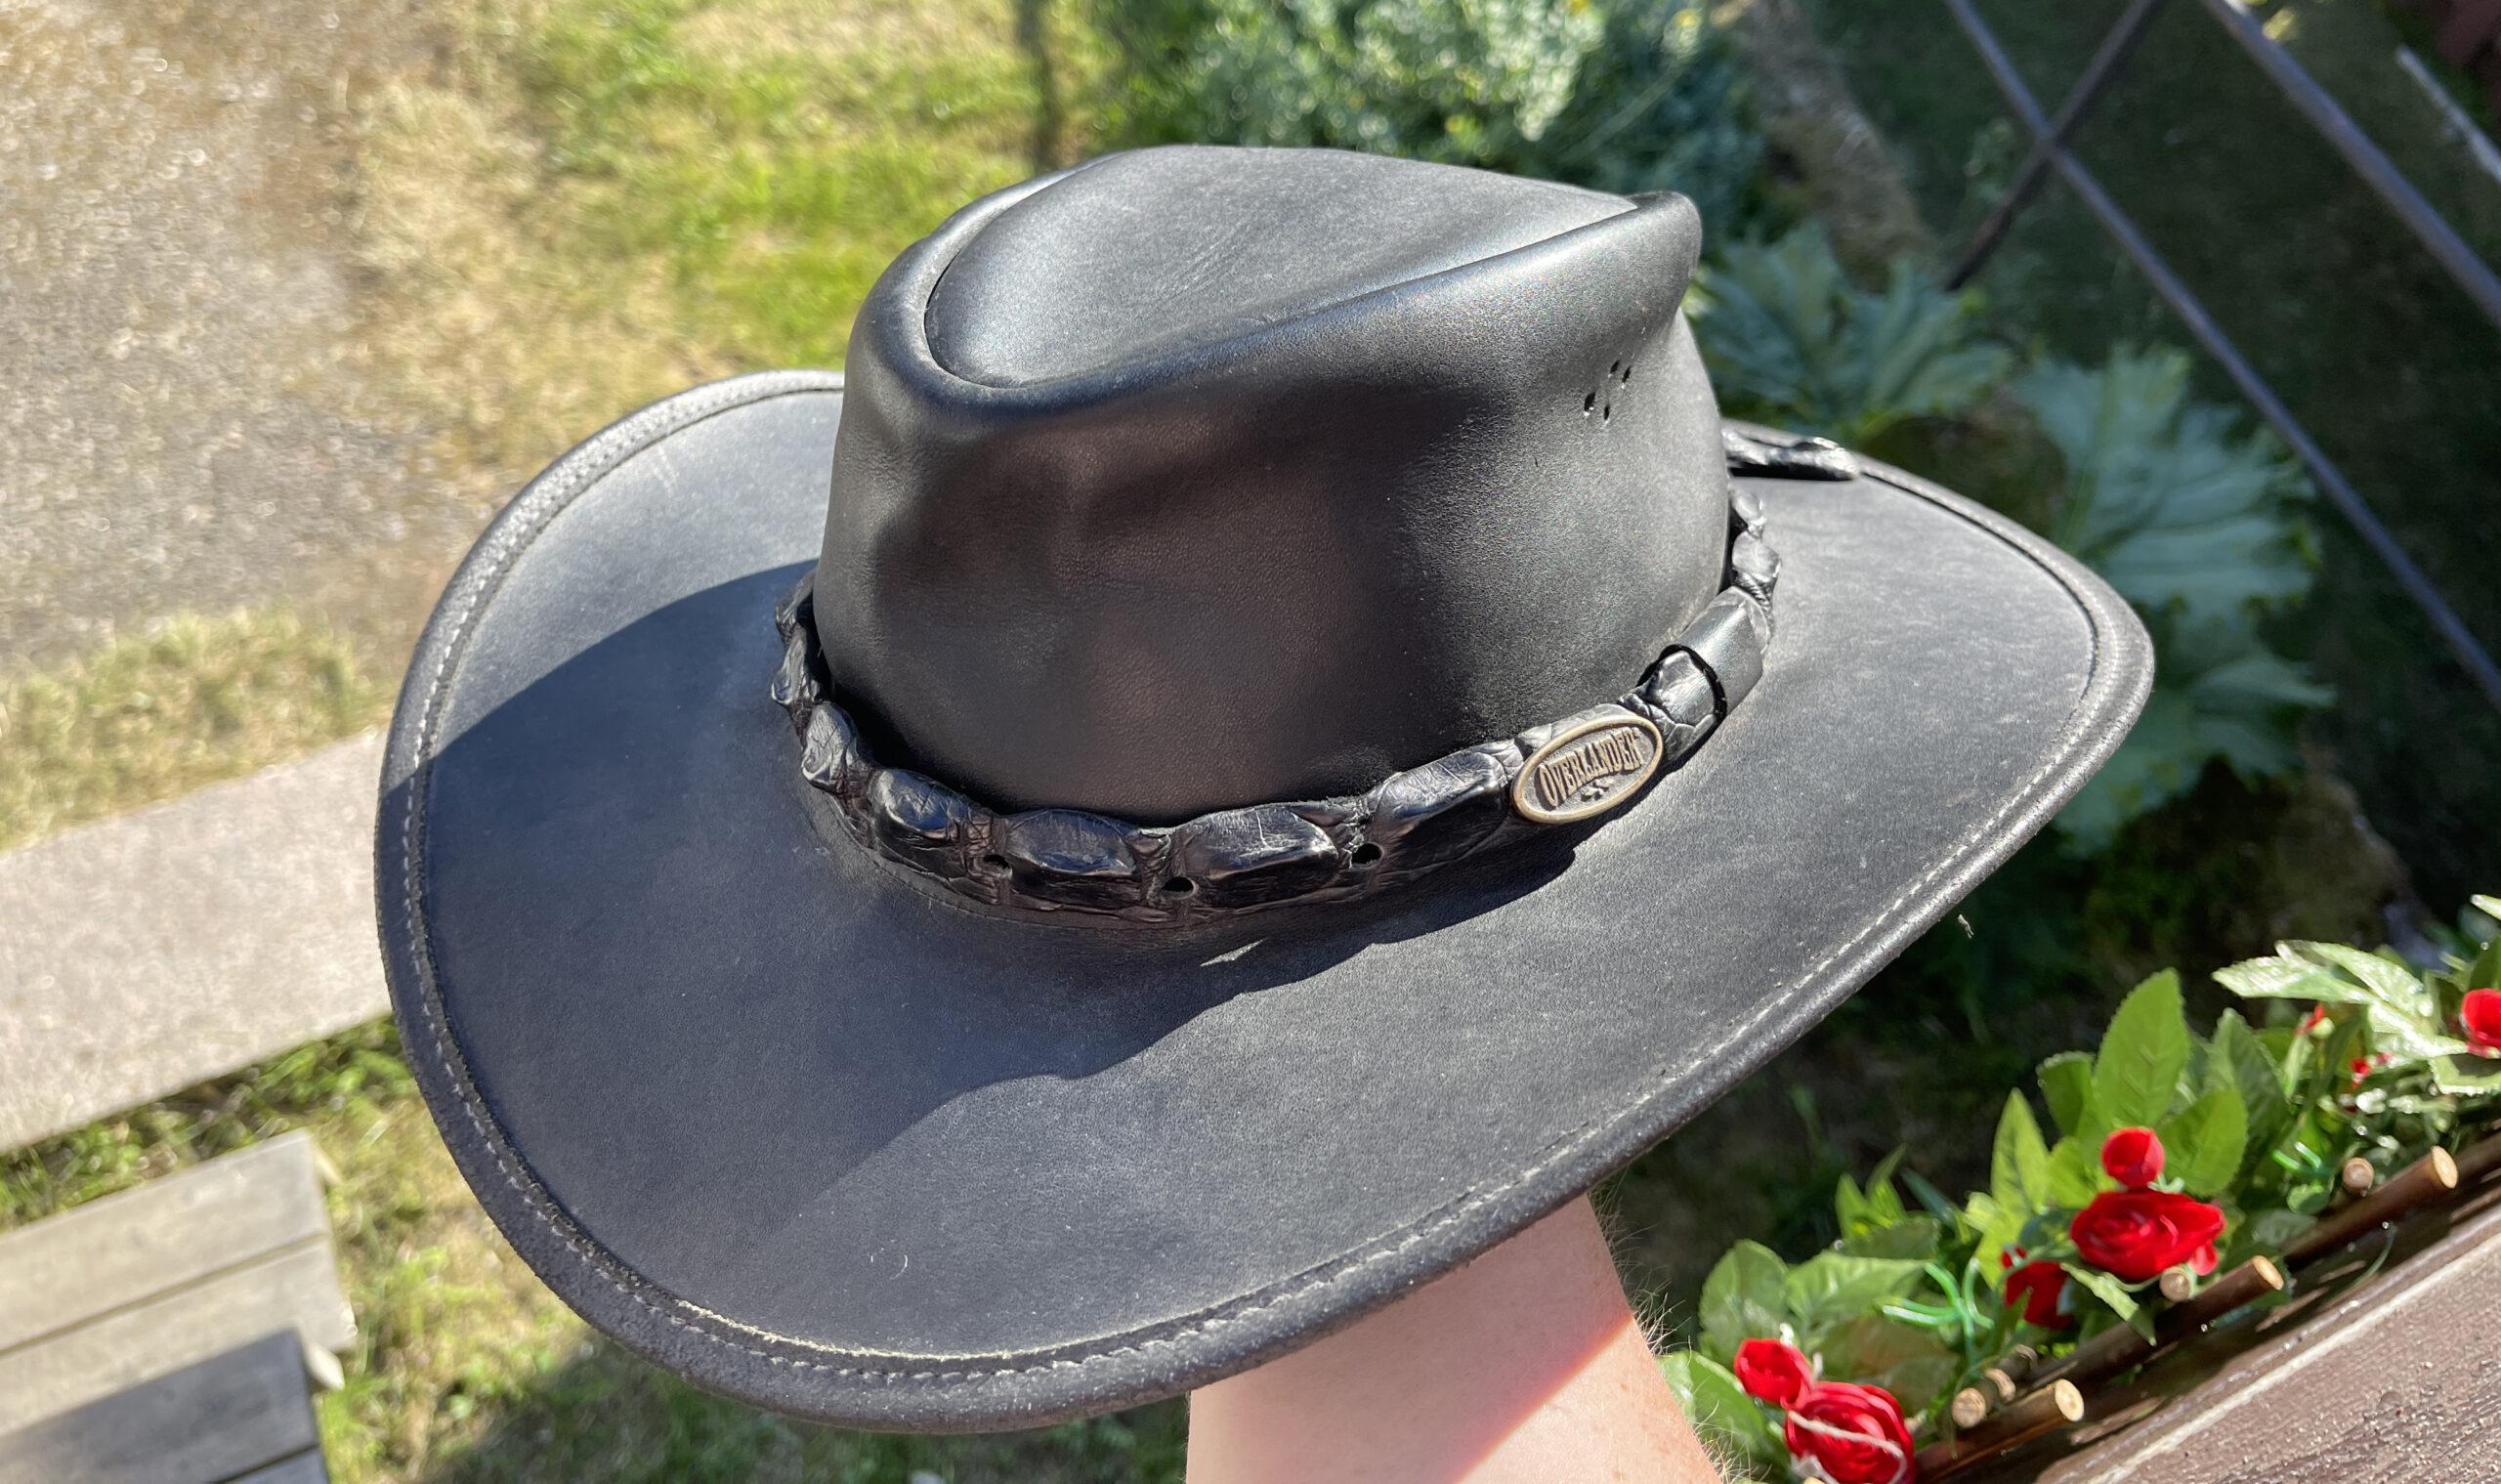 Läsarfråga: Hatt?